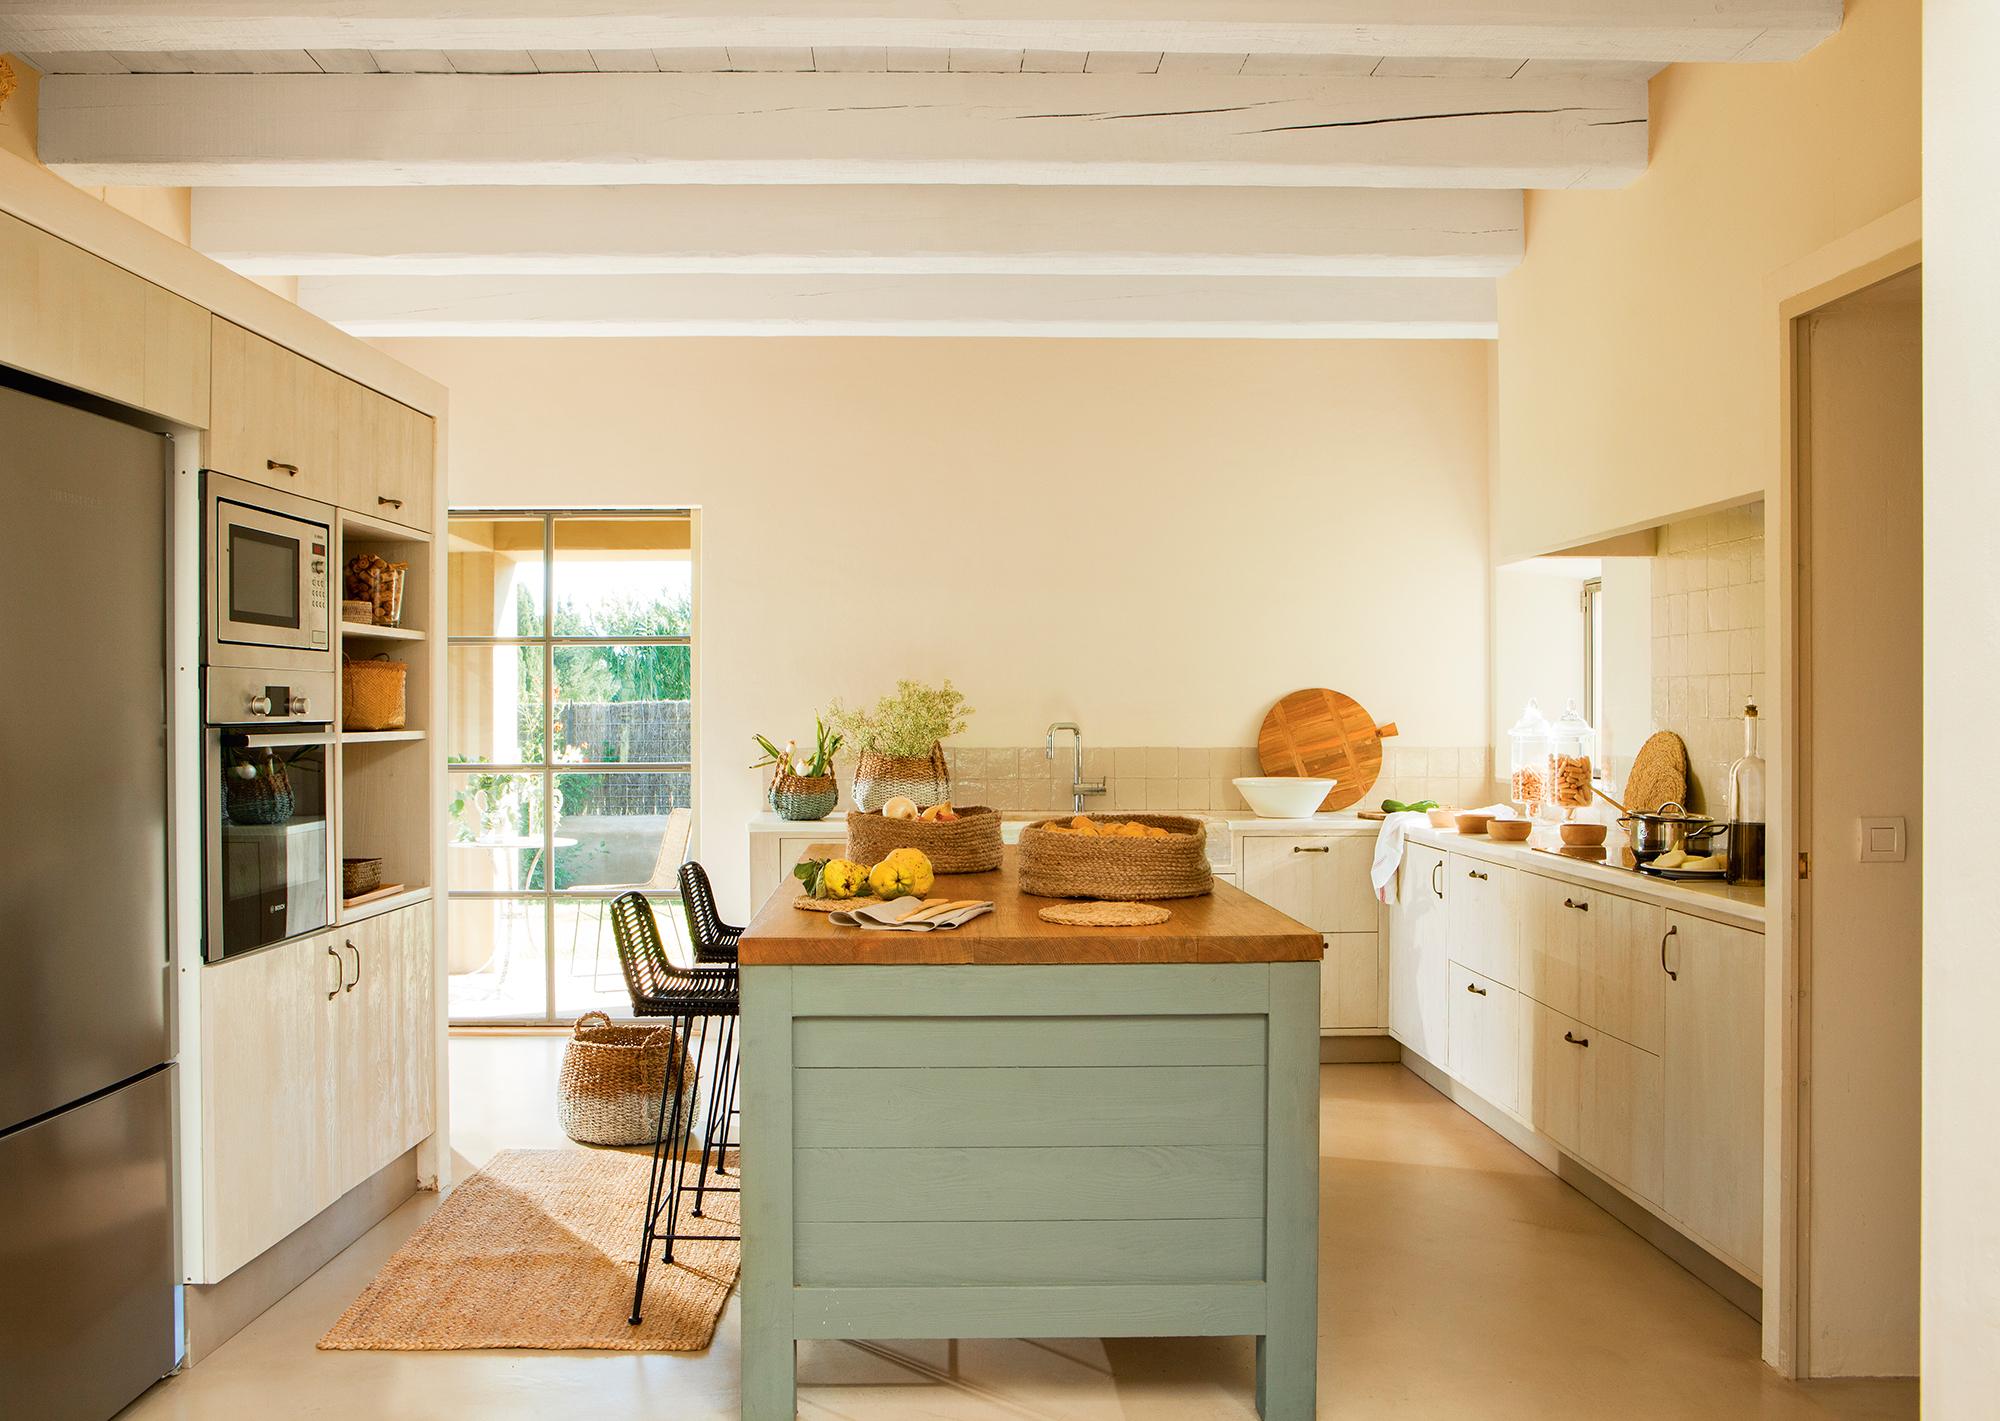 Cocinas las 50 mejores de el mueble - Colores recomendados para cocinas ...